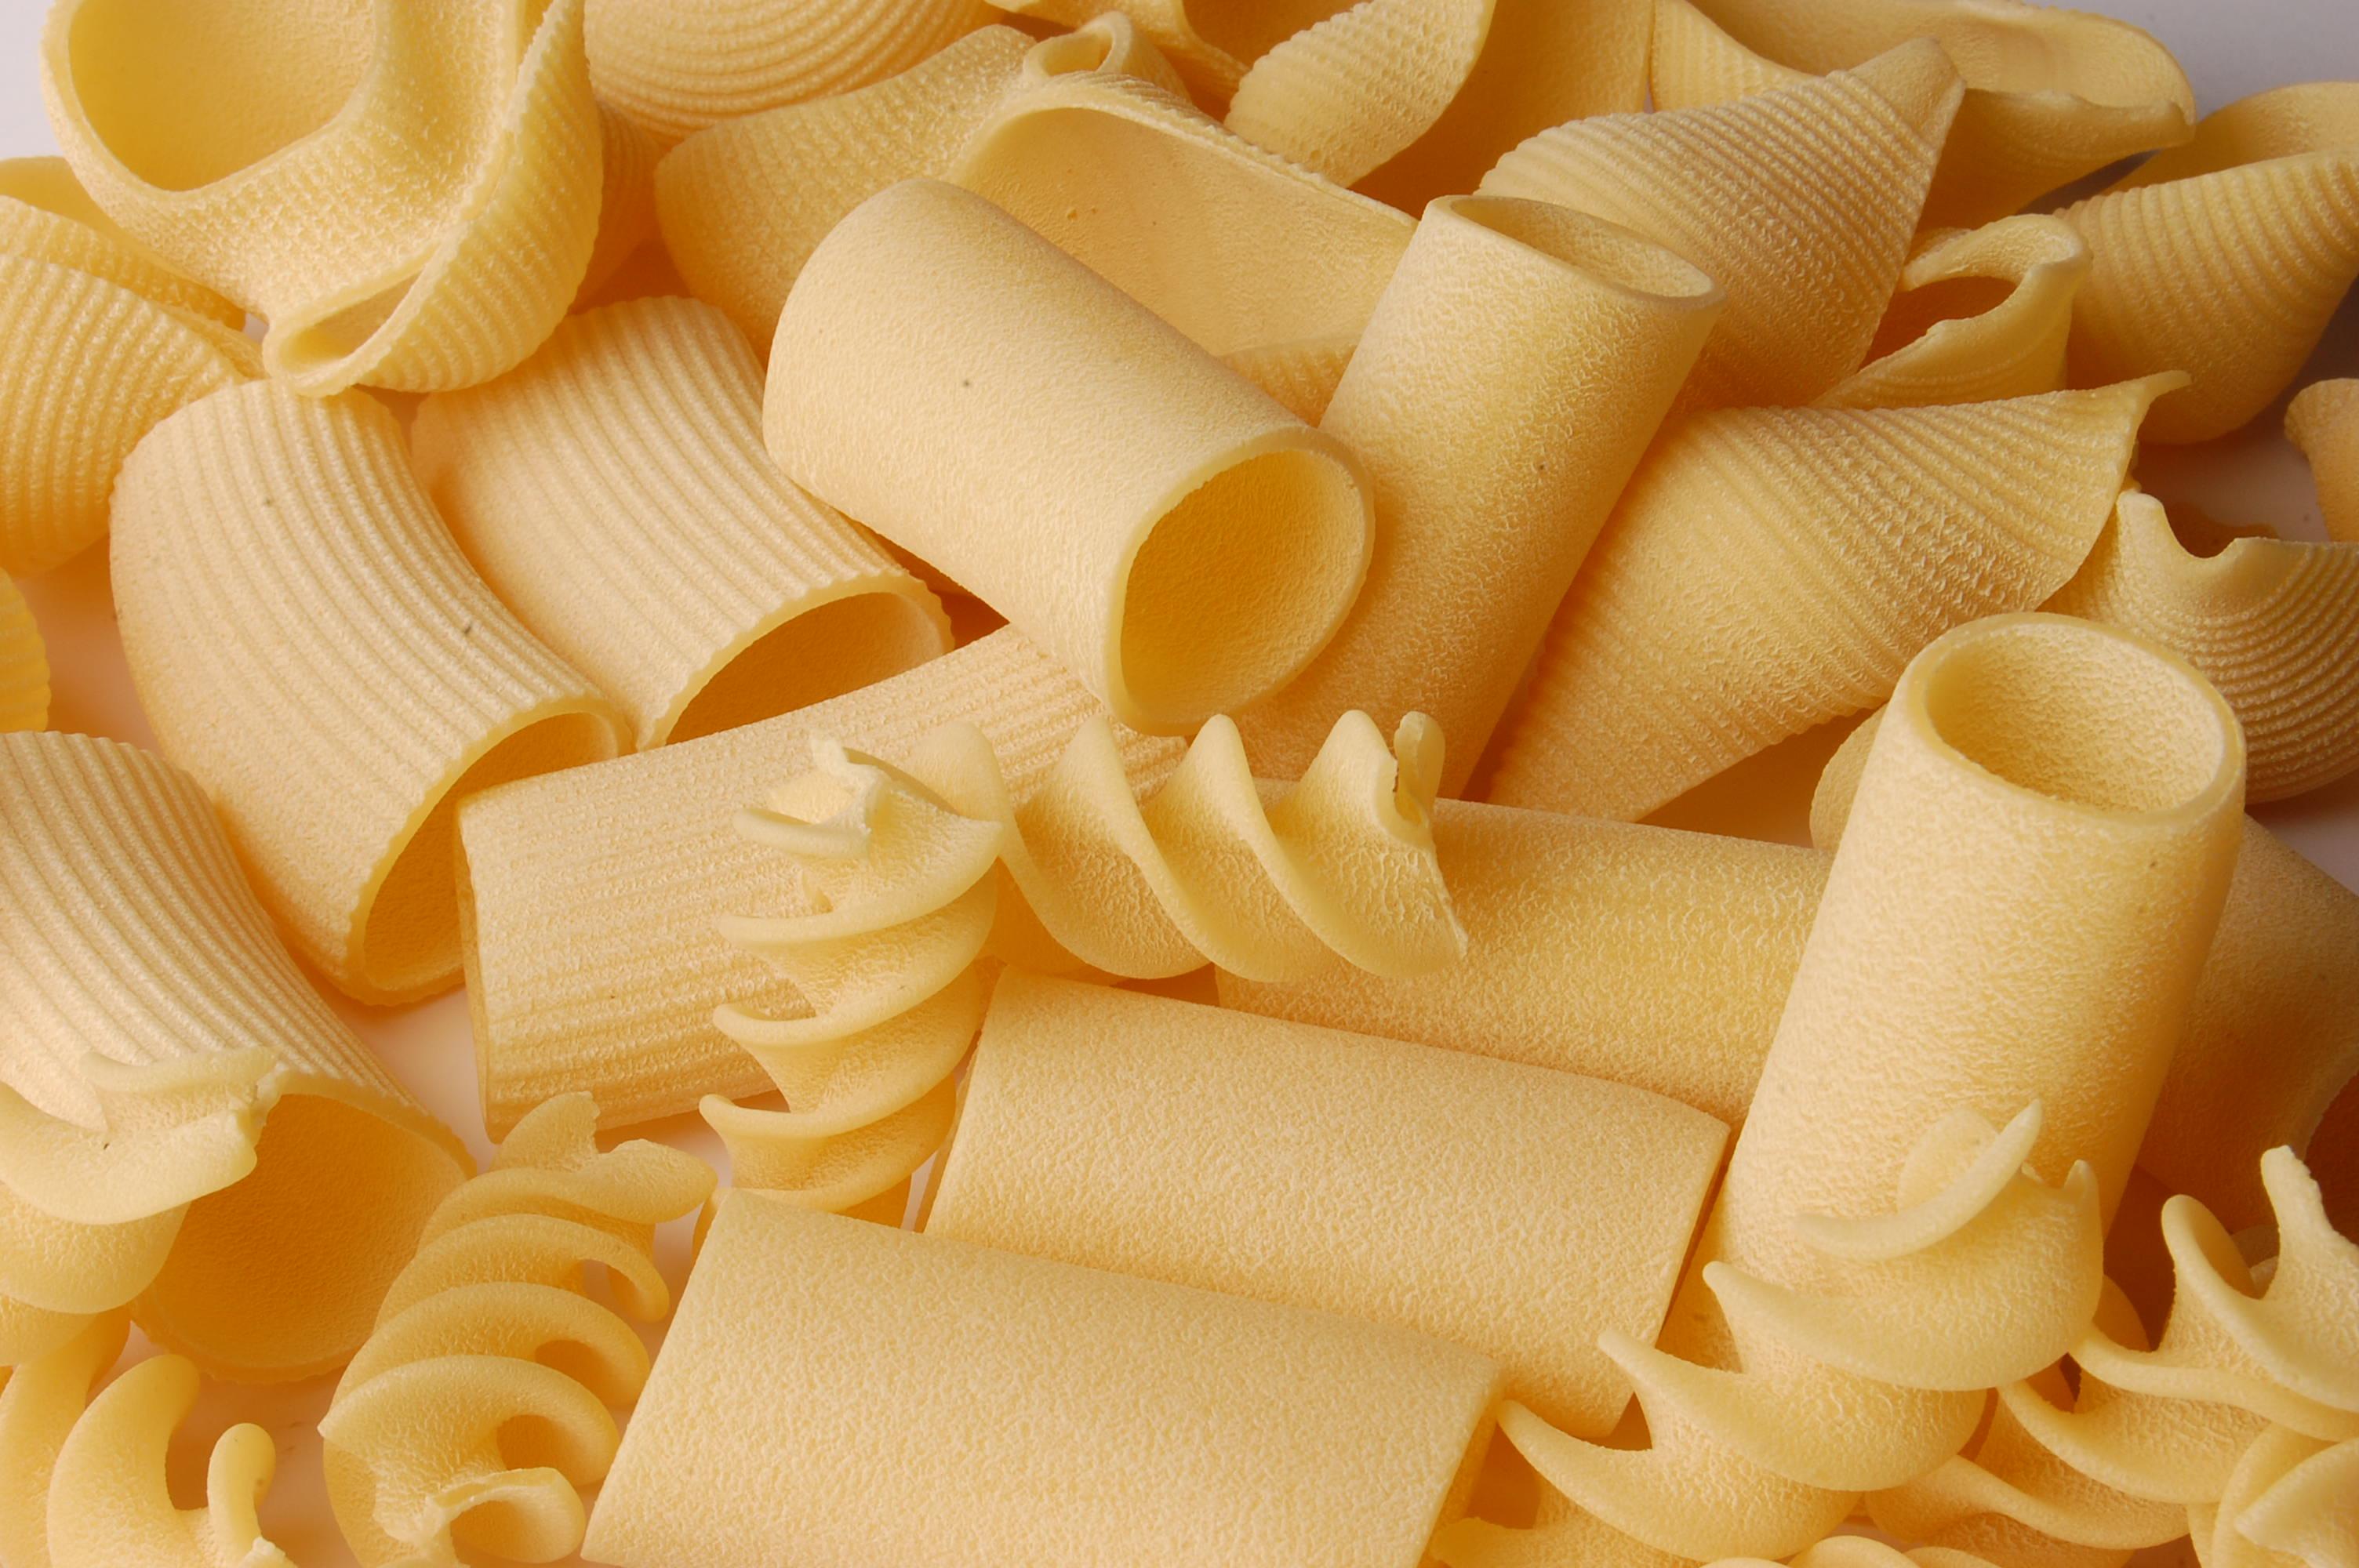 La porosità della pasta di semola di grano duro